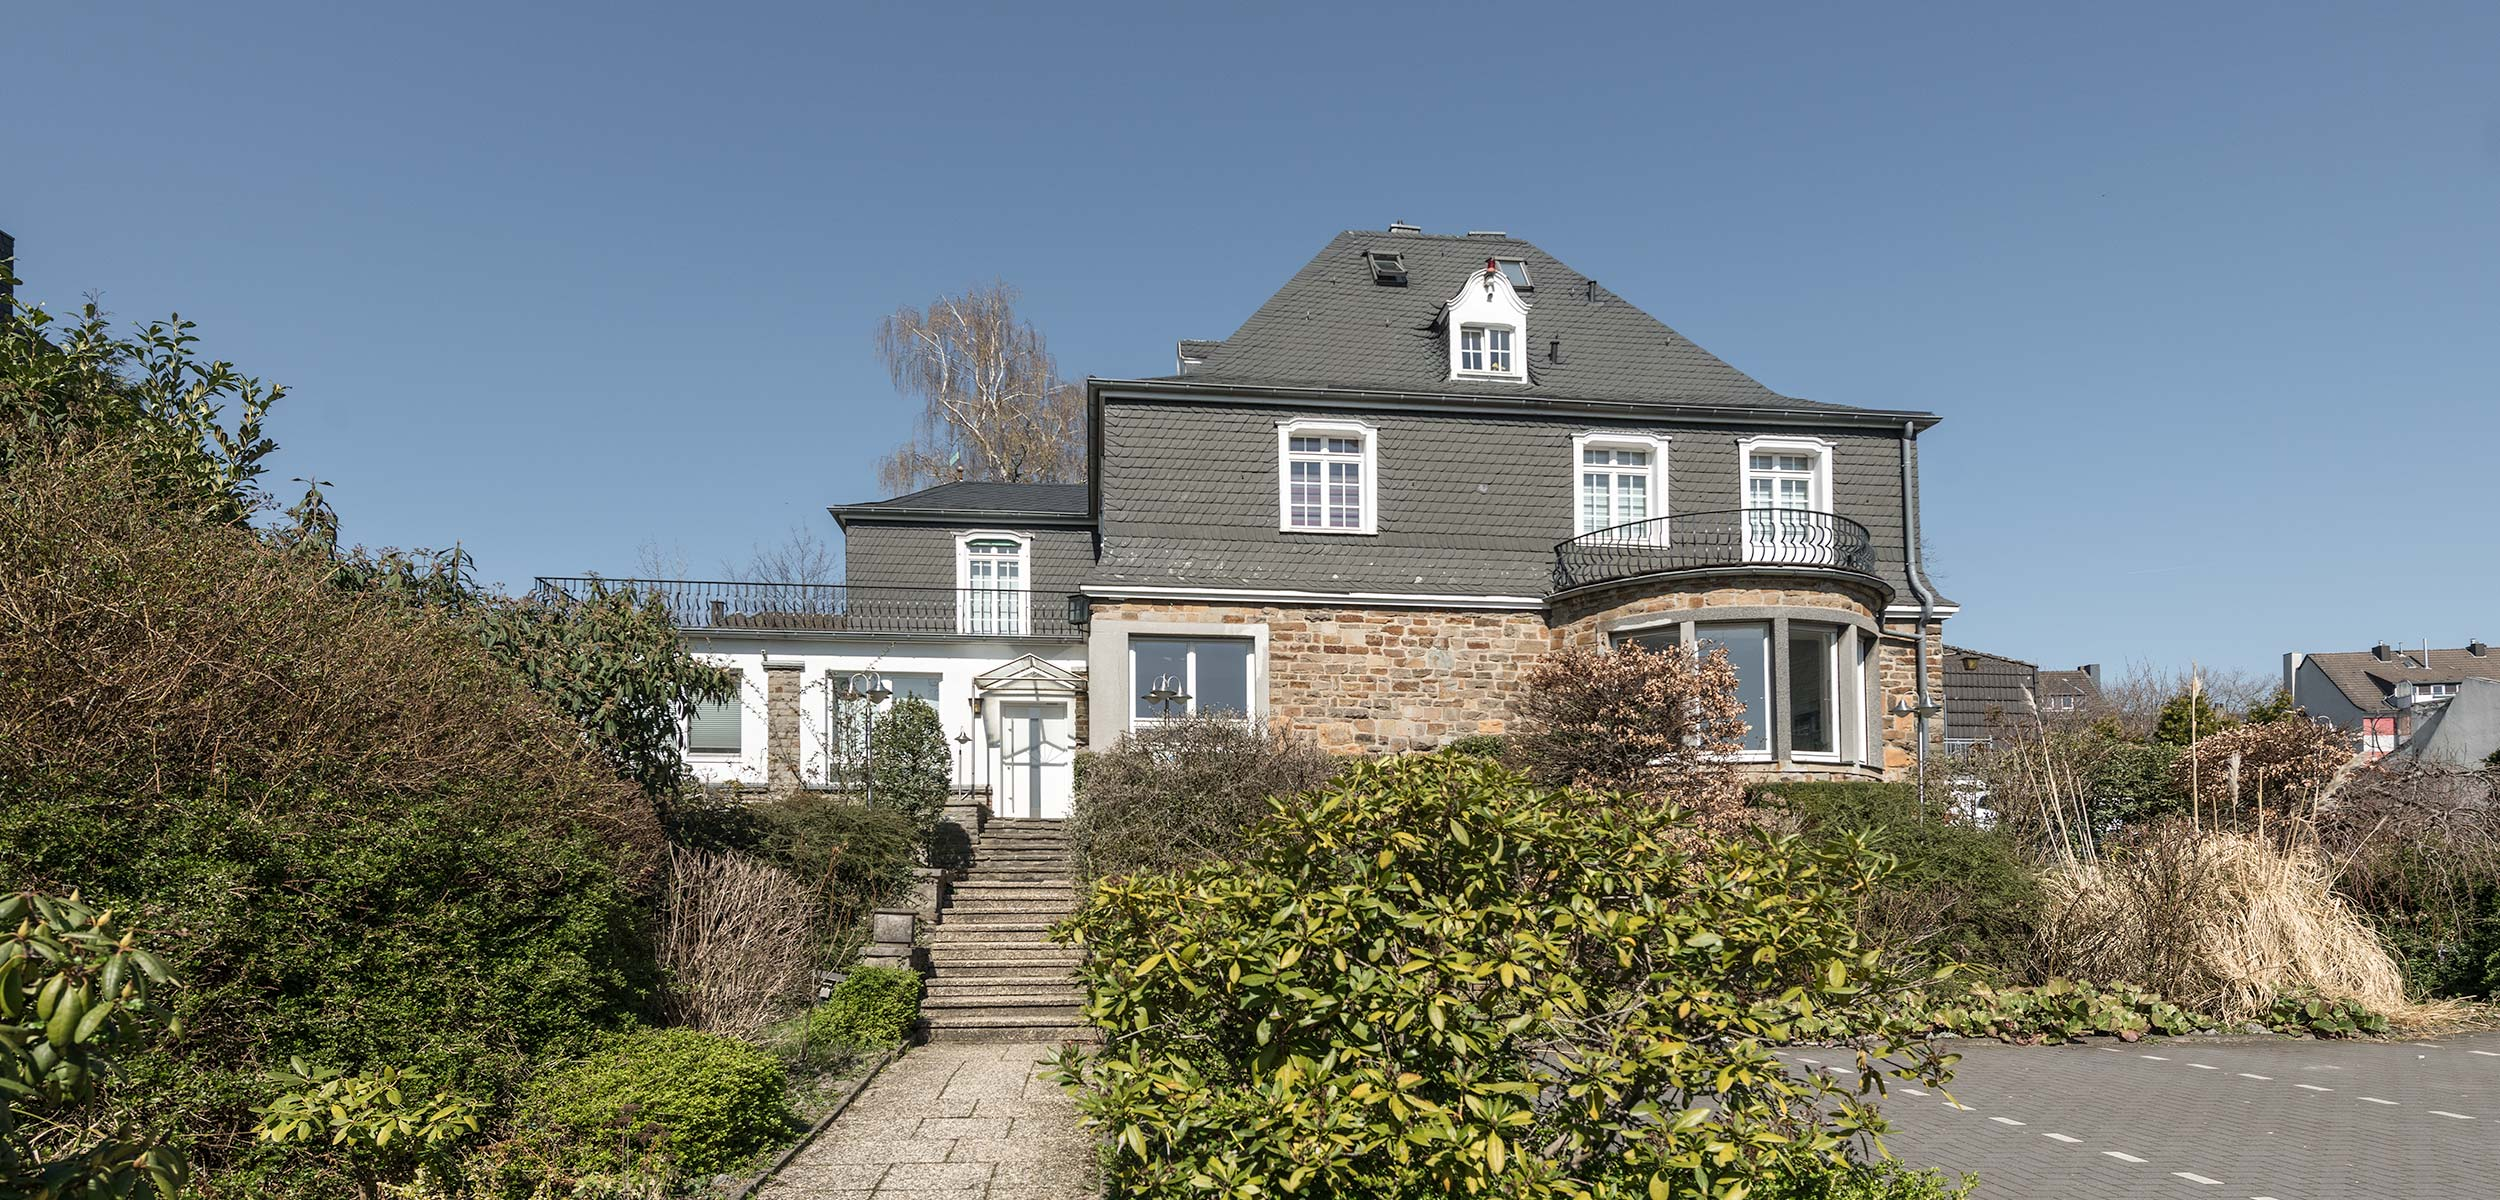 Villa Nonnenbusch in Heiligenhaus – Gemeinschaftspraxis für Orthopädie – Aussenansicht des Gebäudes